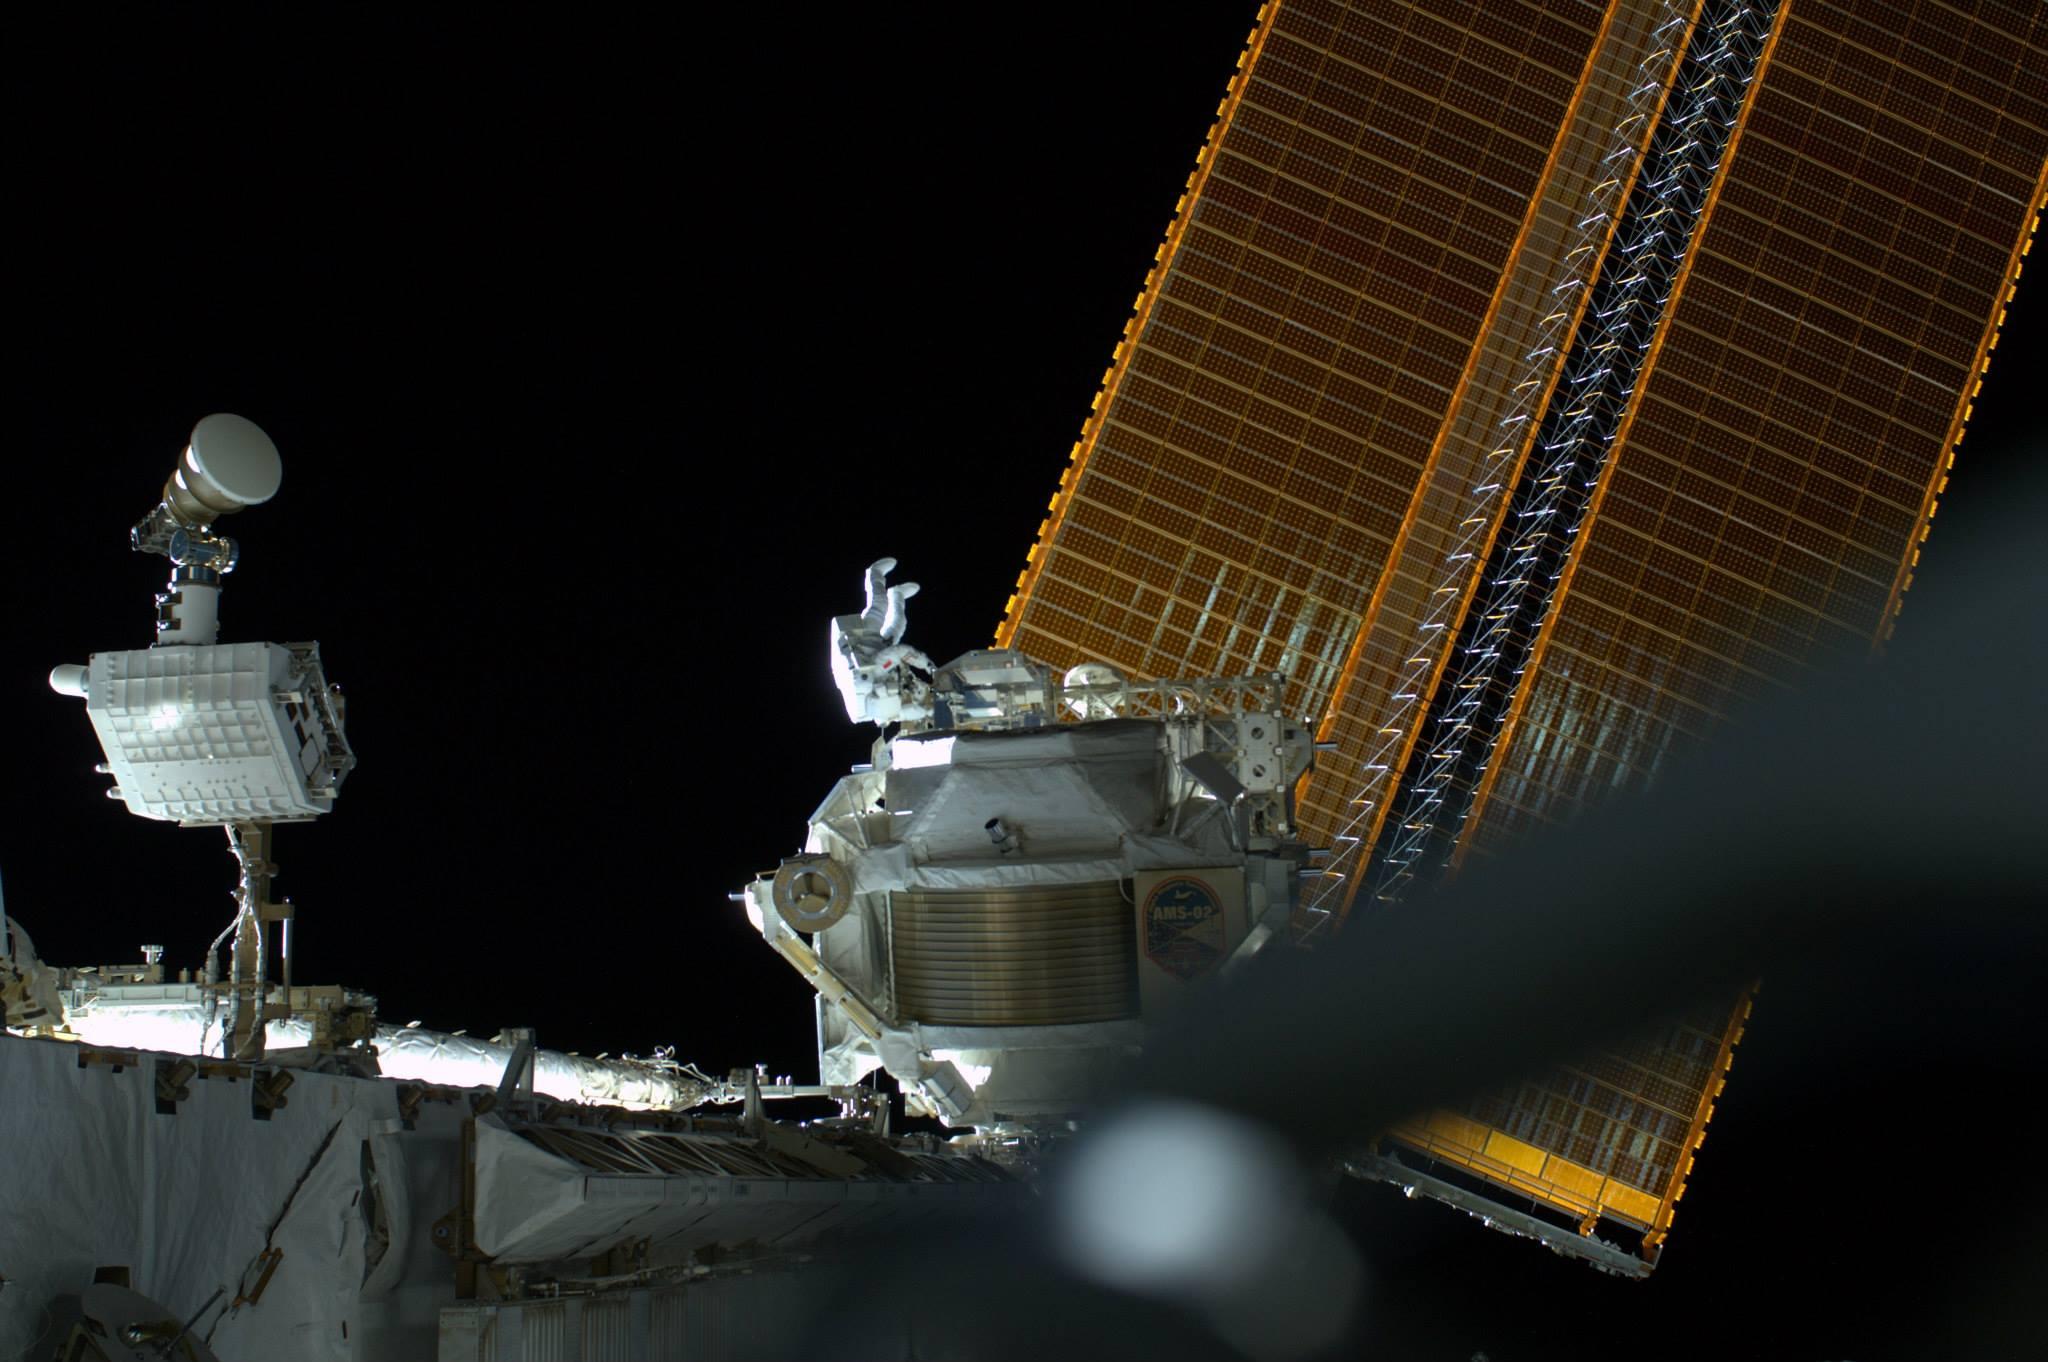 Récupération de MISSE8 (Crédits : ESA/NASA)